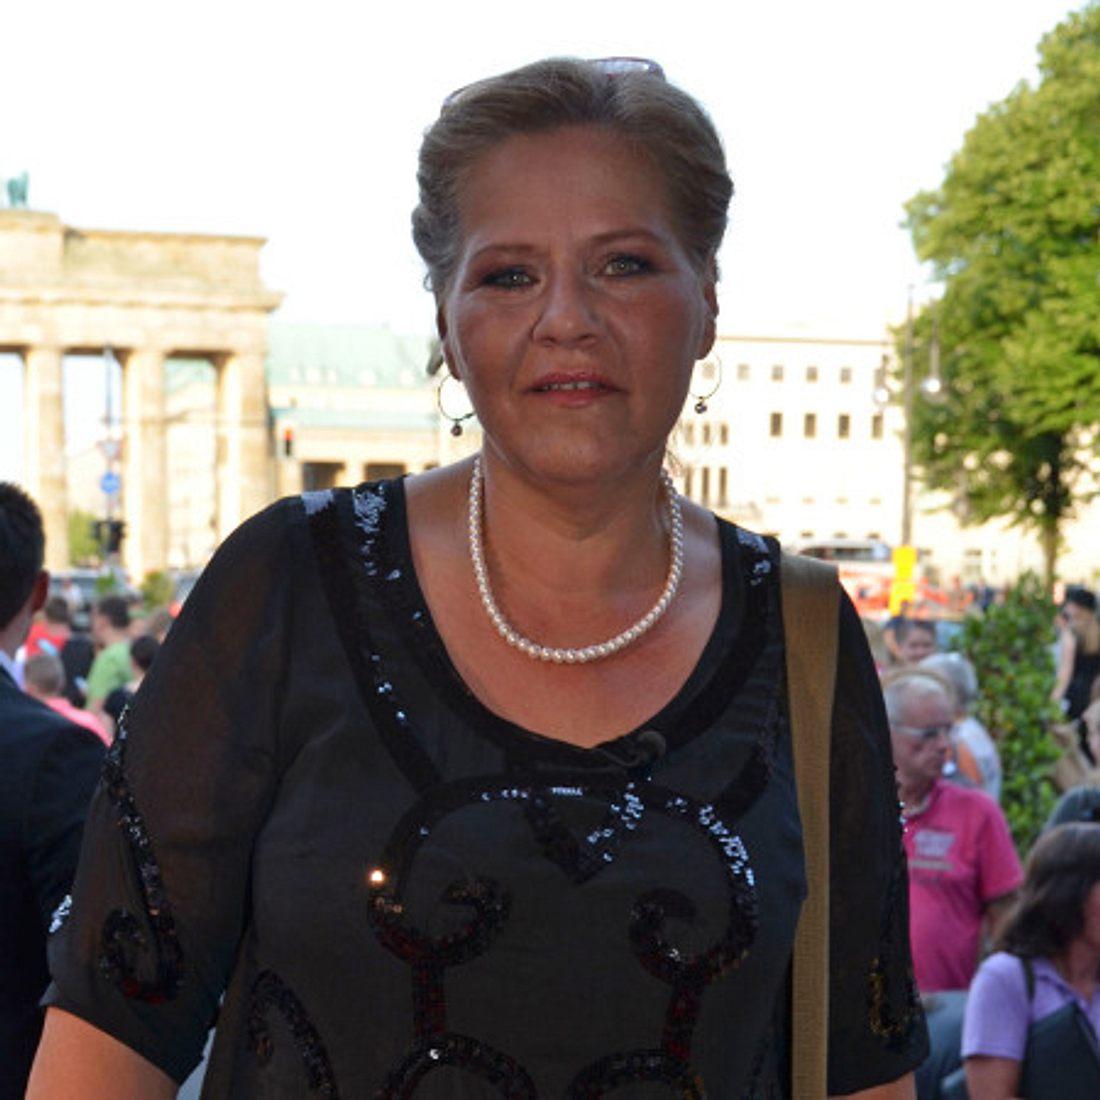 Silvia Wollny zeigte sich beim Fotoshooting von ihrer hübschesten Seite.